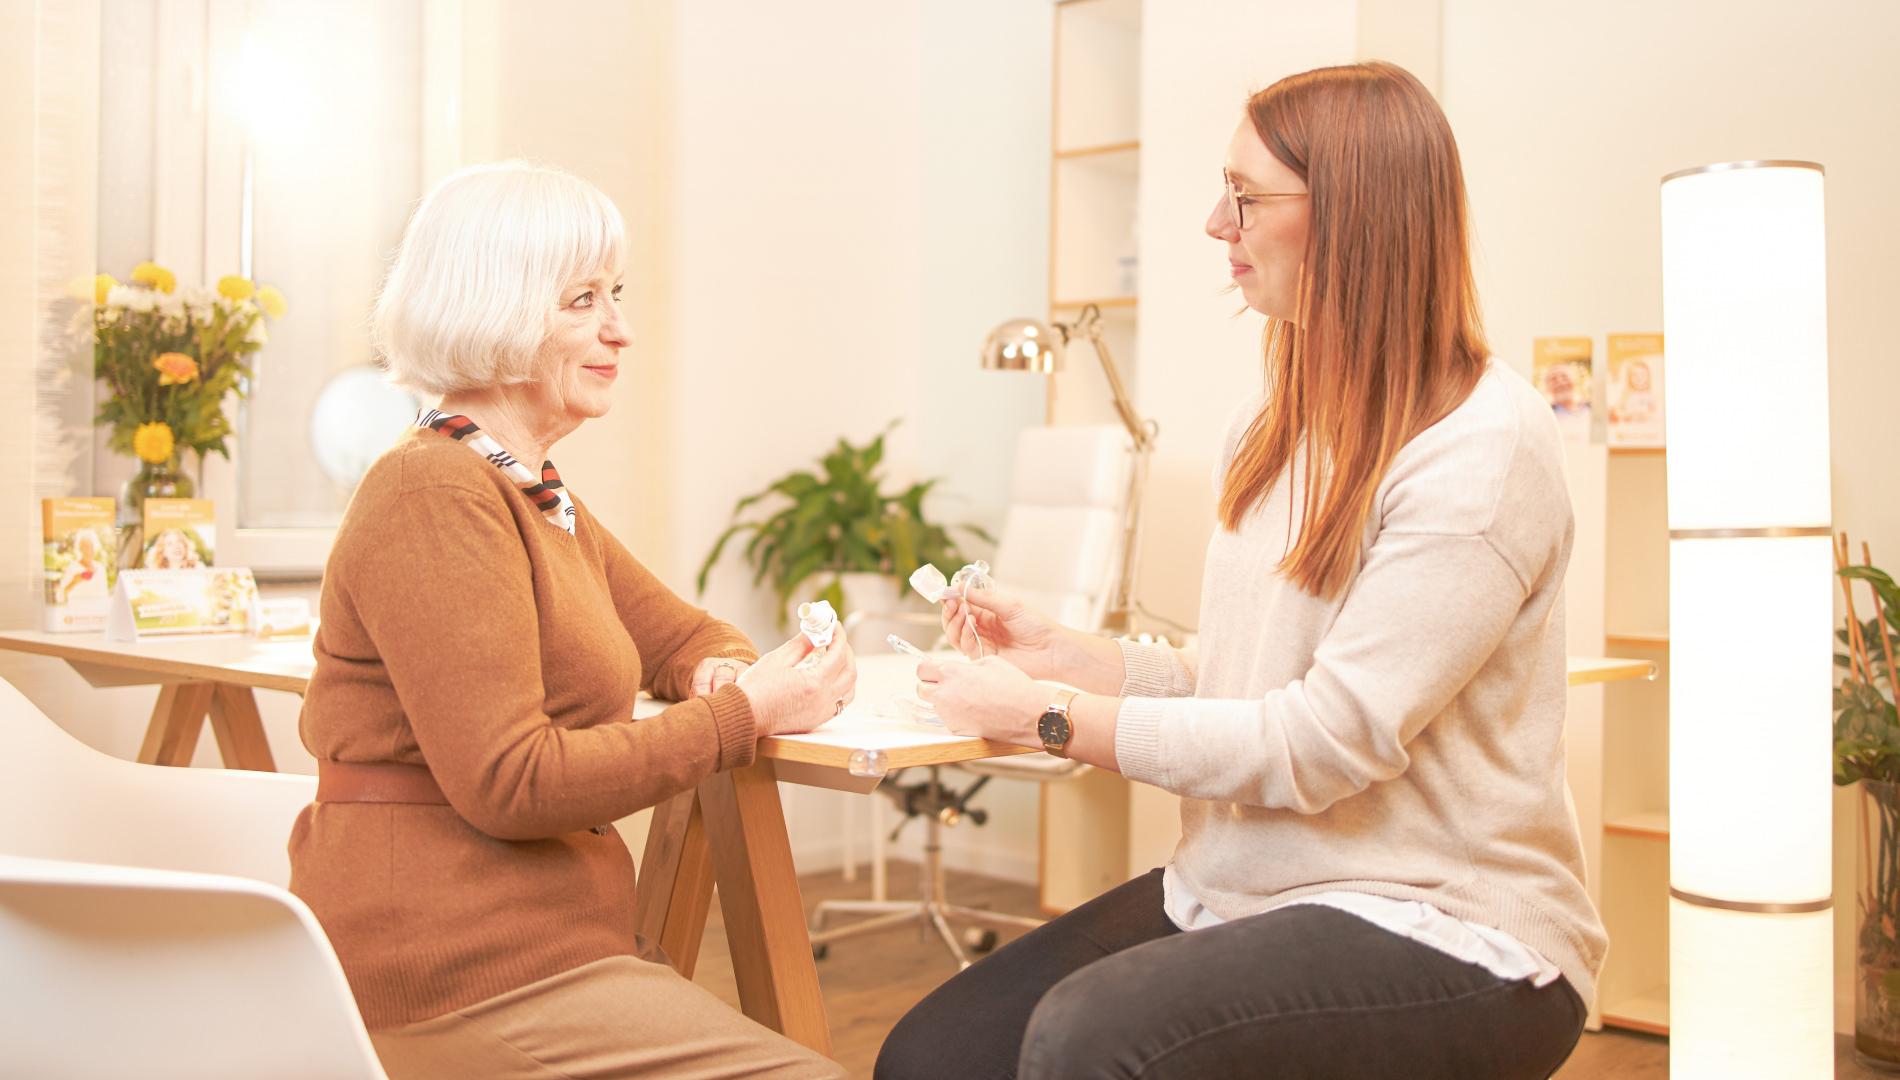 Außerklinisches Therapeutisches Trachealkanülenmanagement